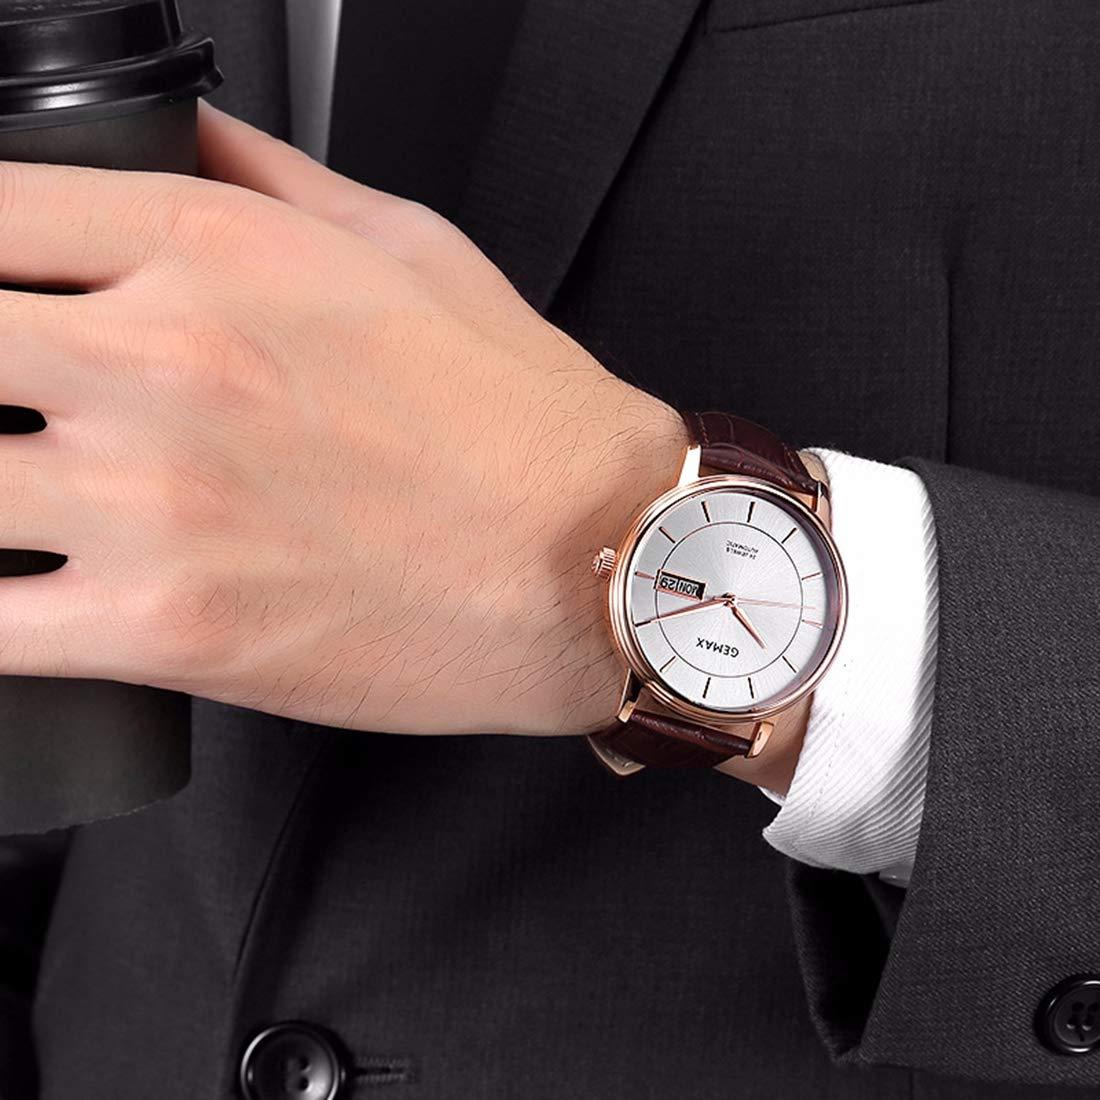 Herrmode armbandsur automatisk mekanisk vardaglig klocka rostfritt stål med läderband, 50 meter vattentät Brun